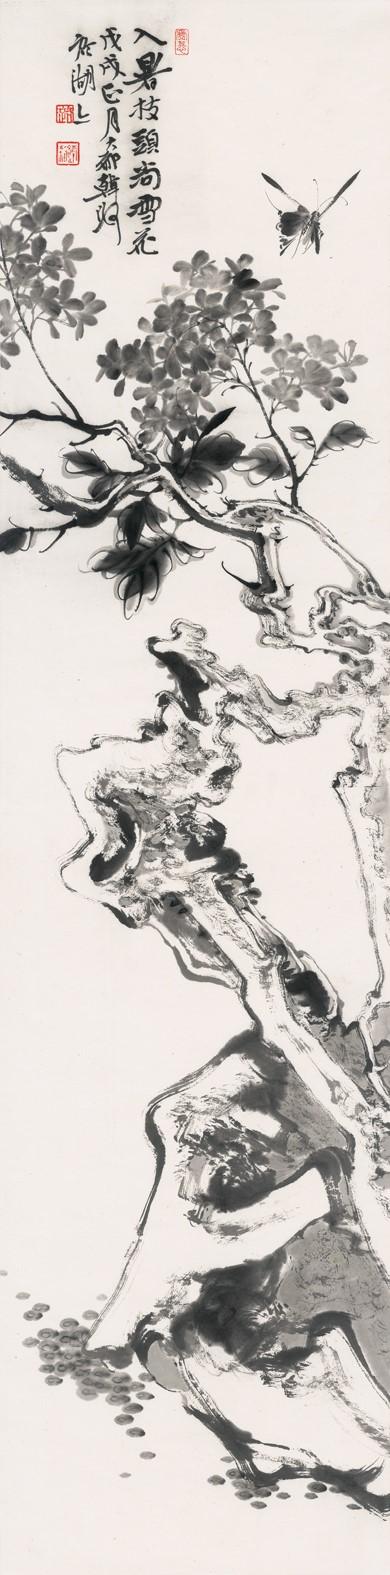 韩璐《五月枝头雪》136cm×34cm  纸本设色  2018年